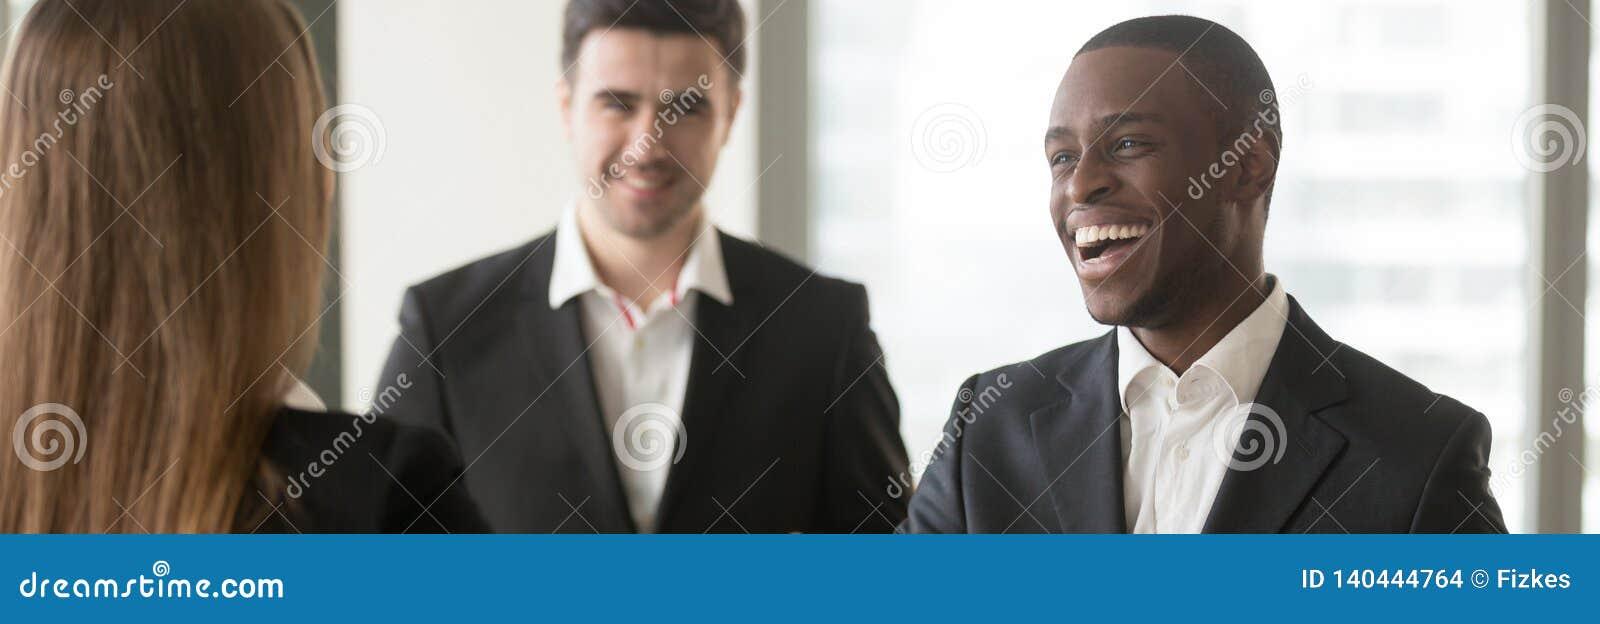 Το οριζόντιο διαφορετικό πολυφυλετικό businesspeople εικόνας που εξοικειώνεται συναντιέται στο γραφείο